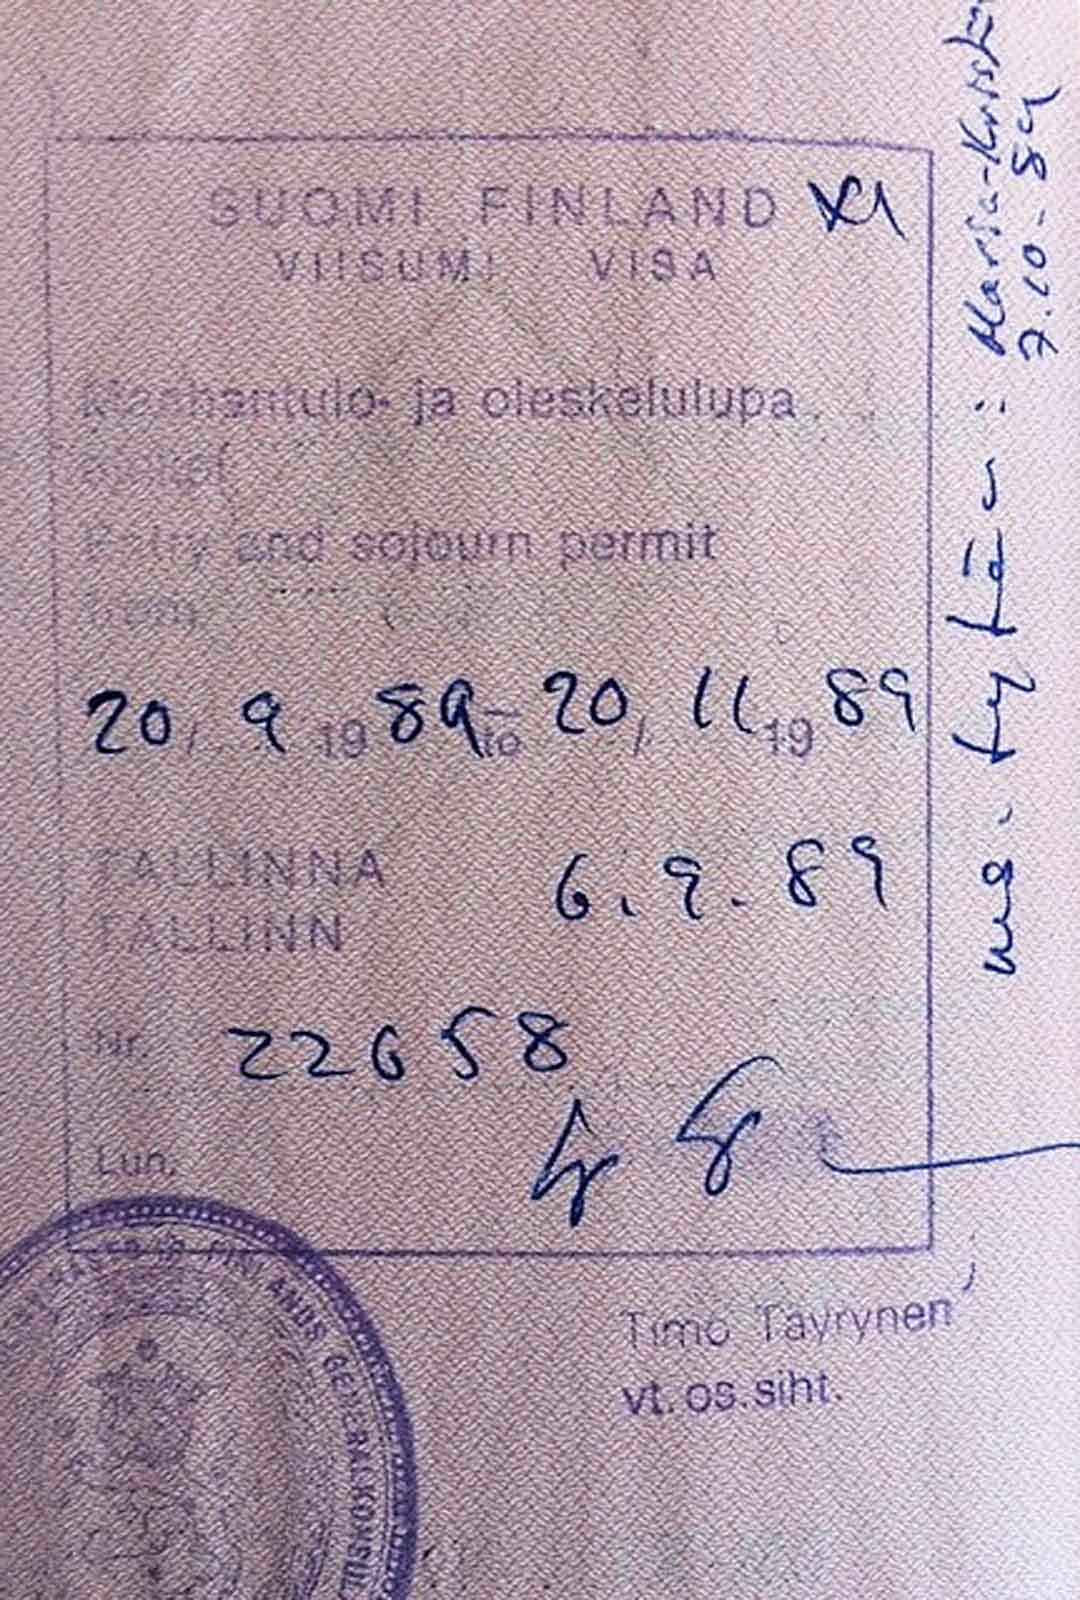 Heli ja Erik saivat syksyllä 1989 kahden kuukauden turistiviistumit Suomeen.